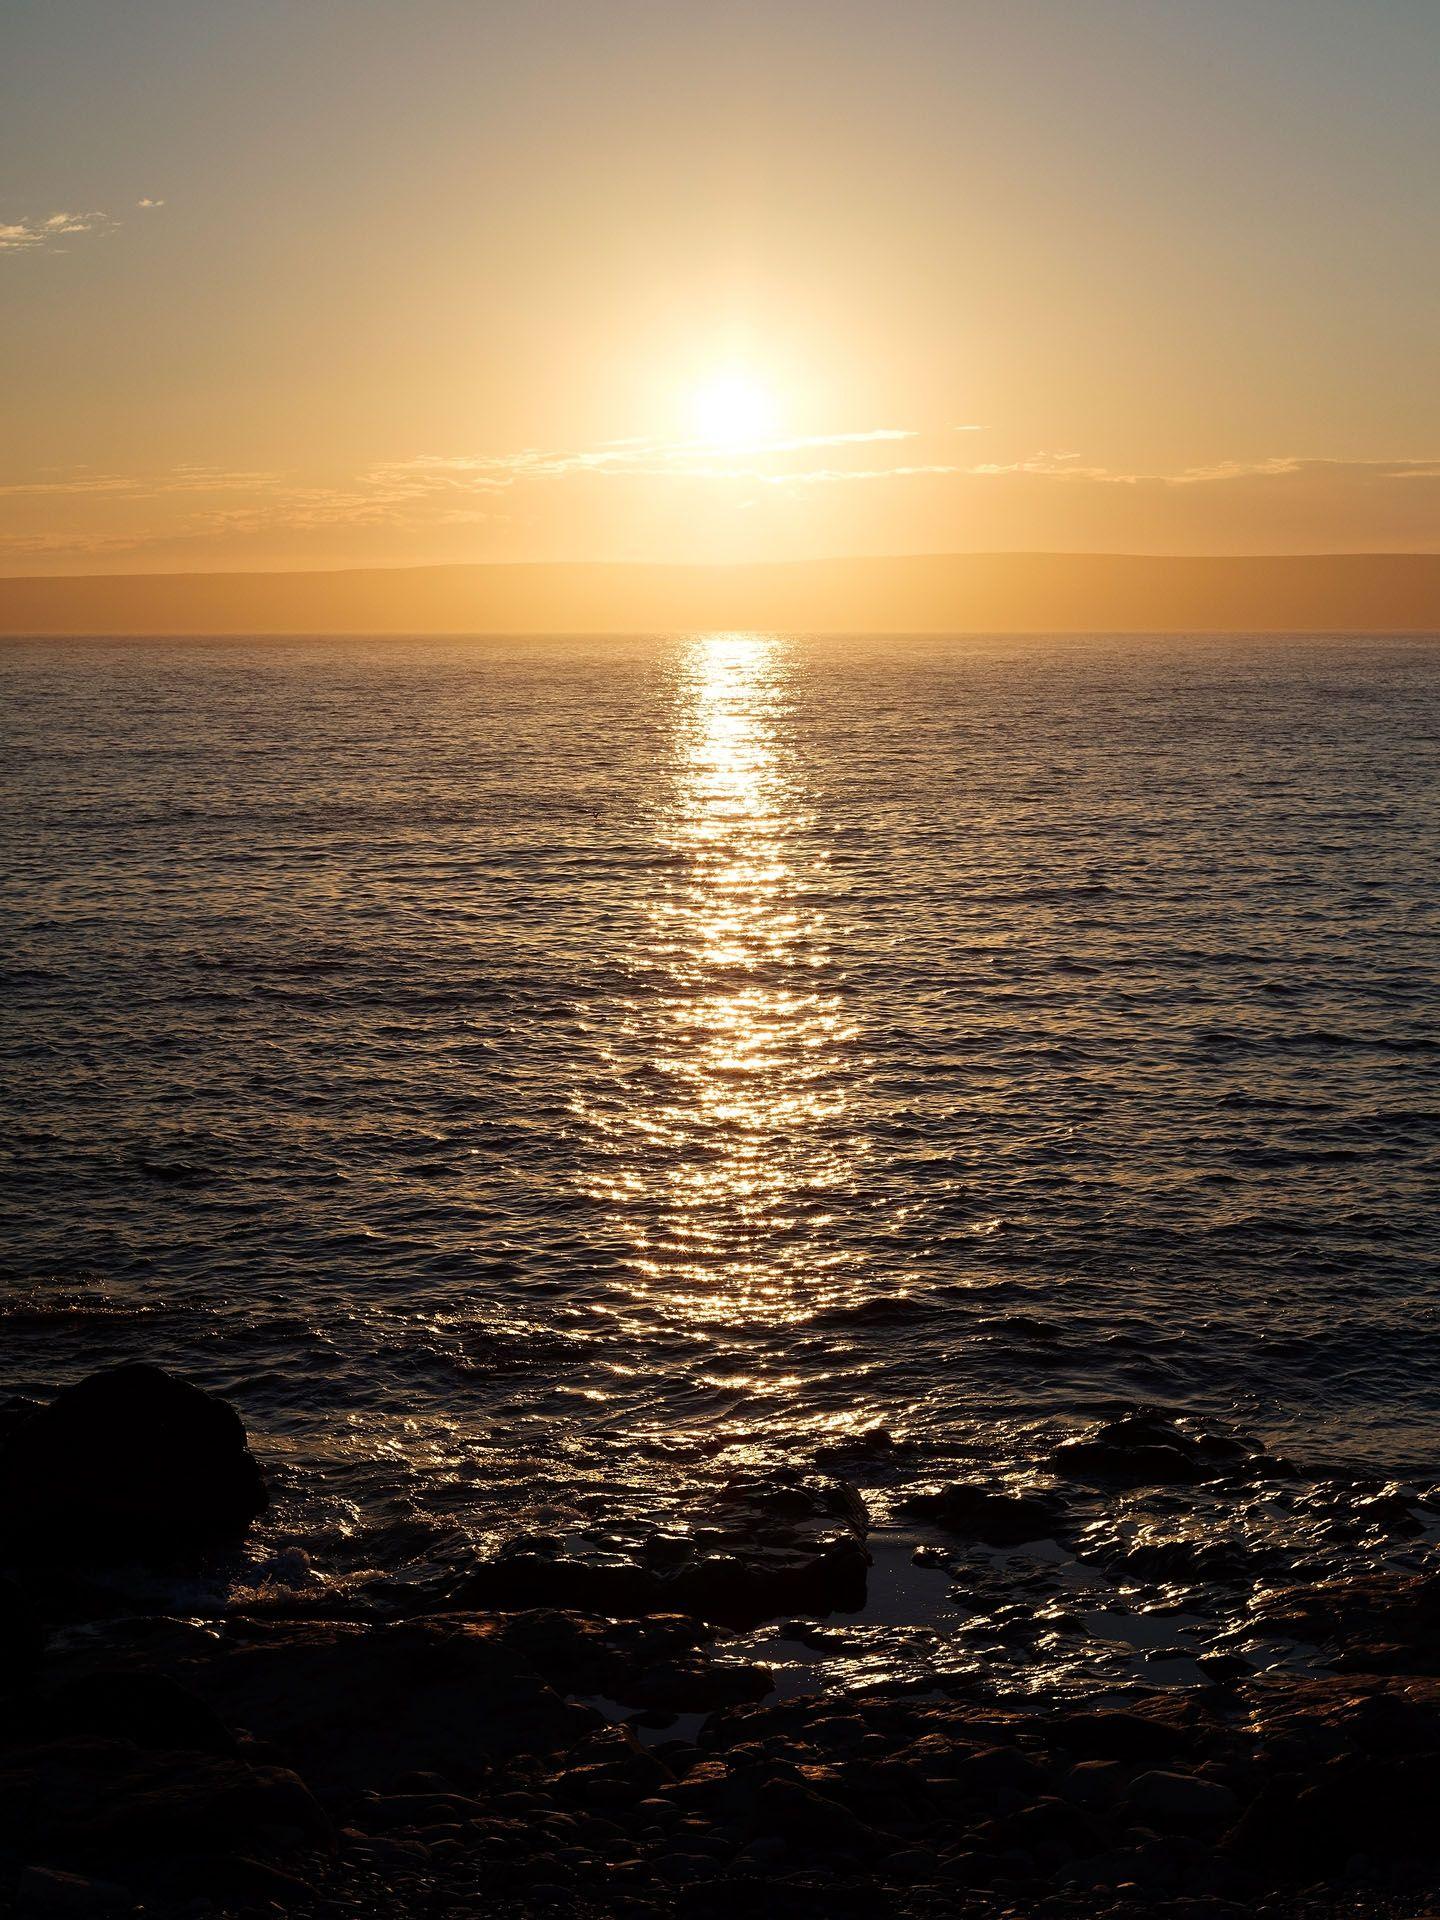 sunrise over the sea by Guillaume Simoneau in Saint-Pierre-et-Miquelon for M le mag Le Monde